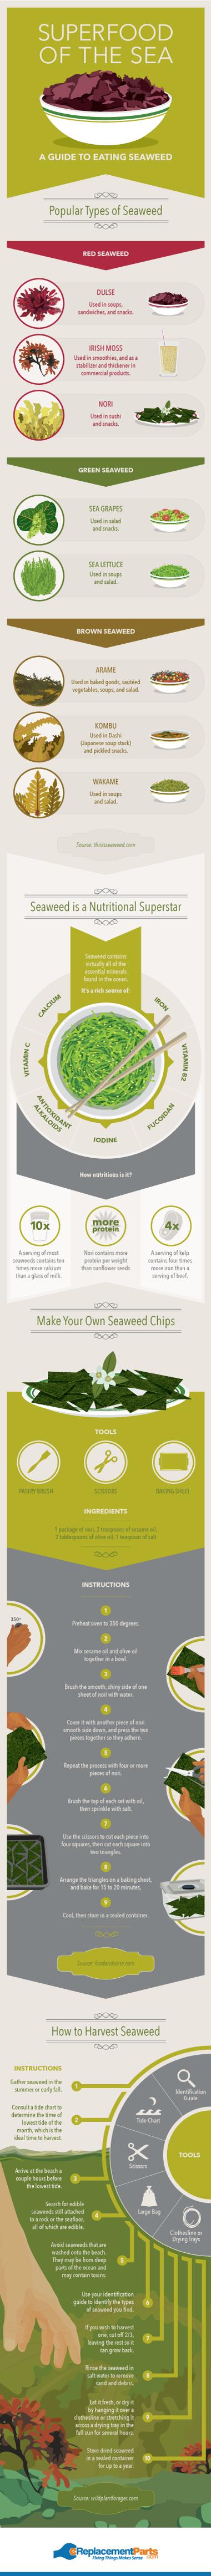 Seaweed the Superfood